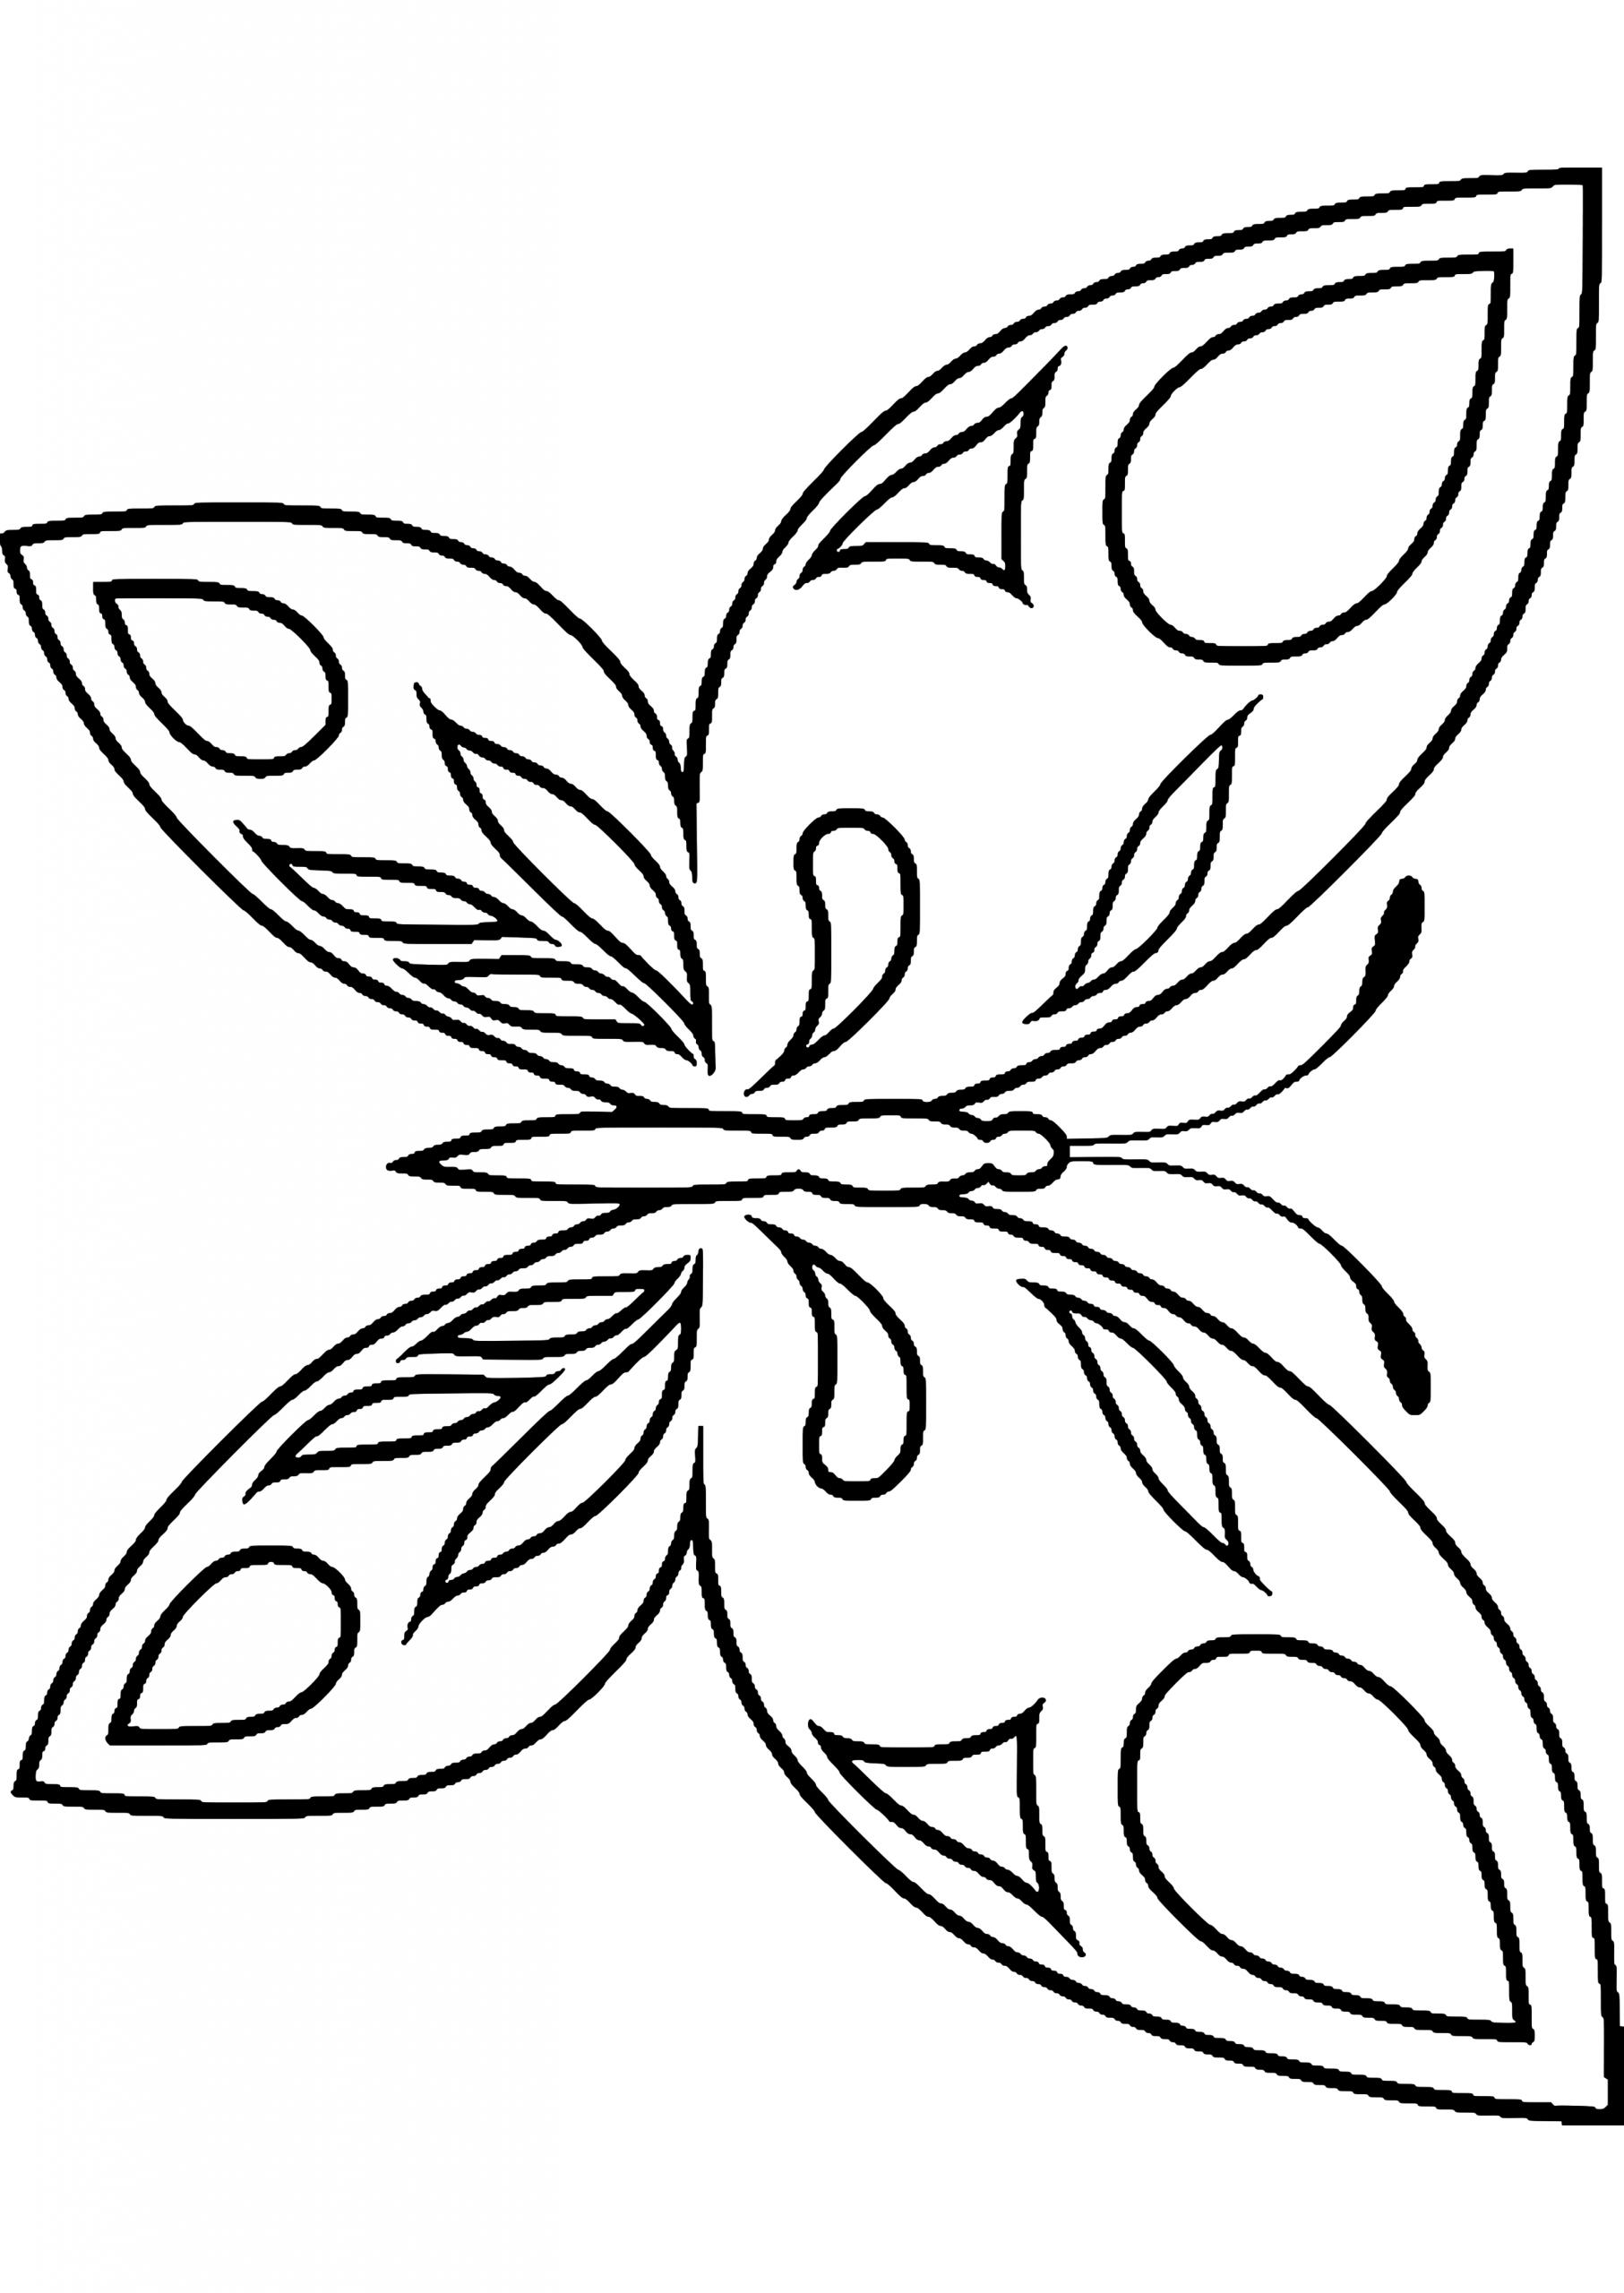 Schmetterling Schablone Zum Ausschneiden - 1Ausmalbilder bei Schablone Schmetterling Kostenlos